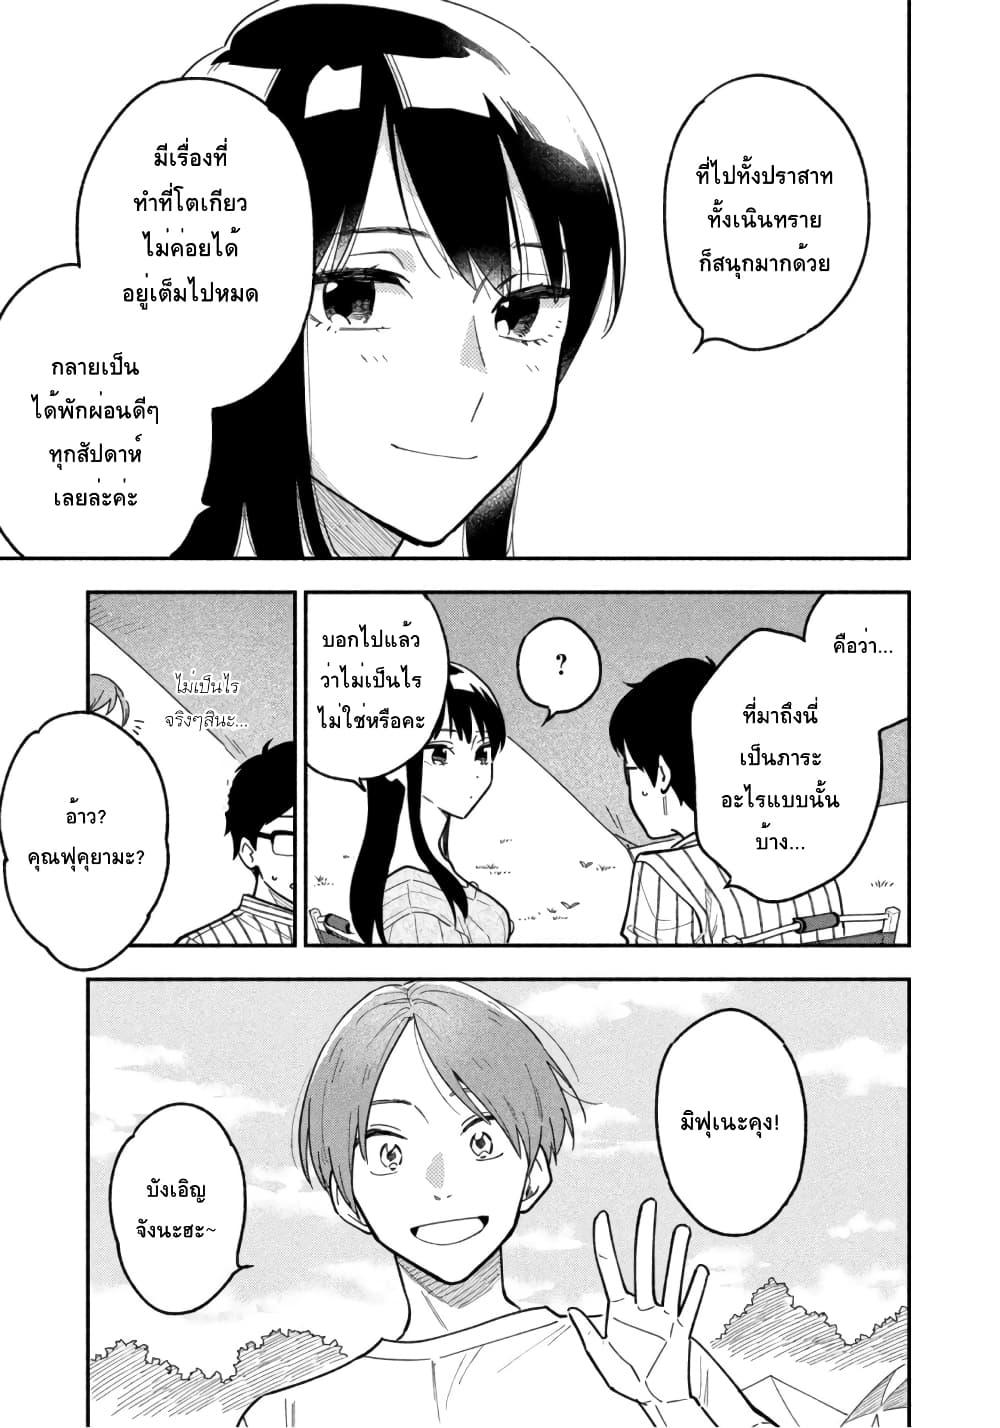 อ่านการ์ตูน Yaiteru Futari ตอนที่ 5 หน้าที่ 13